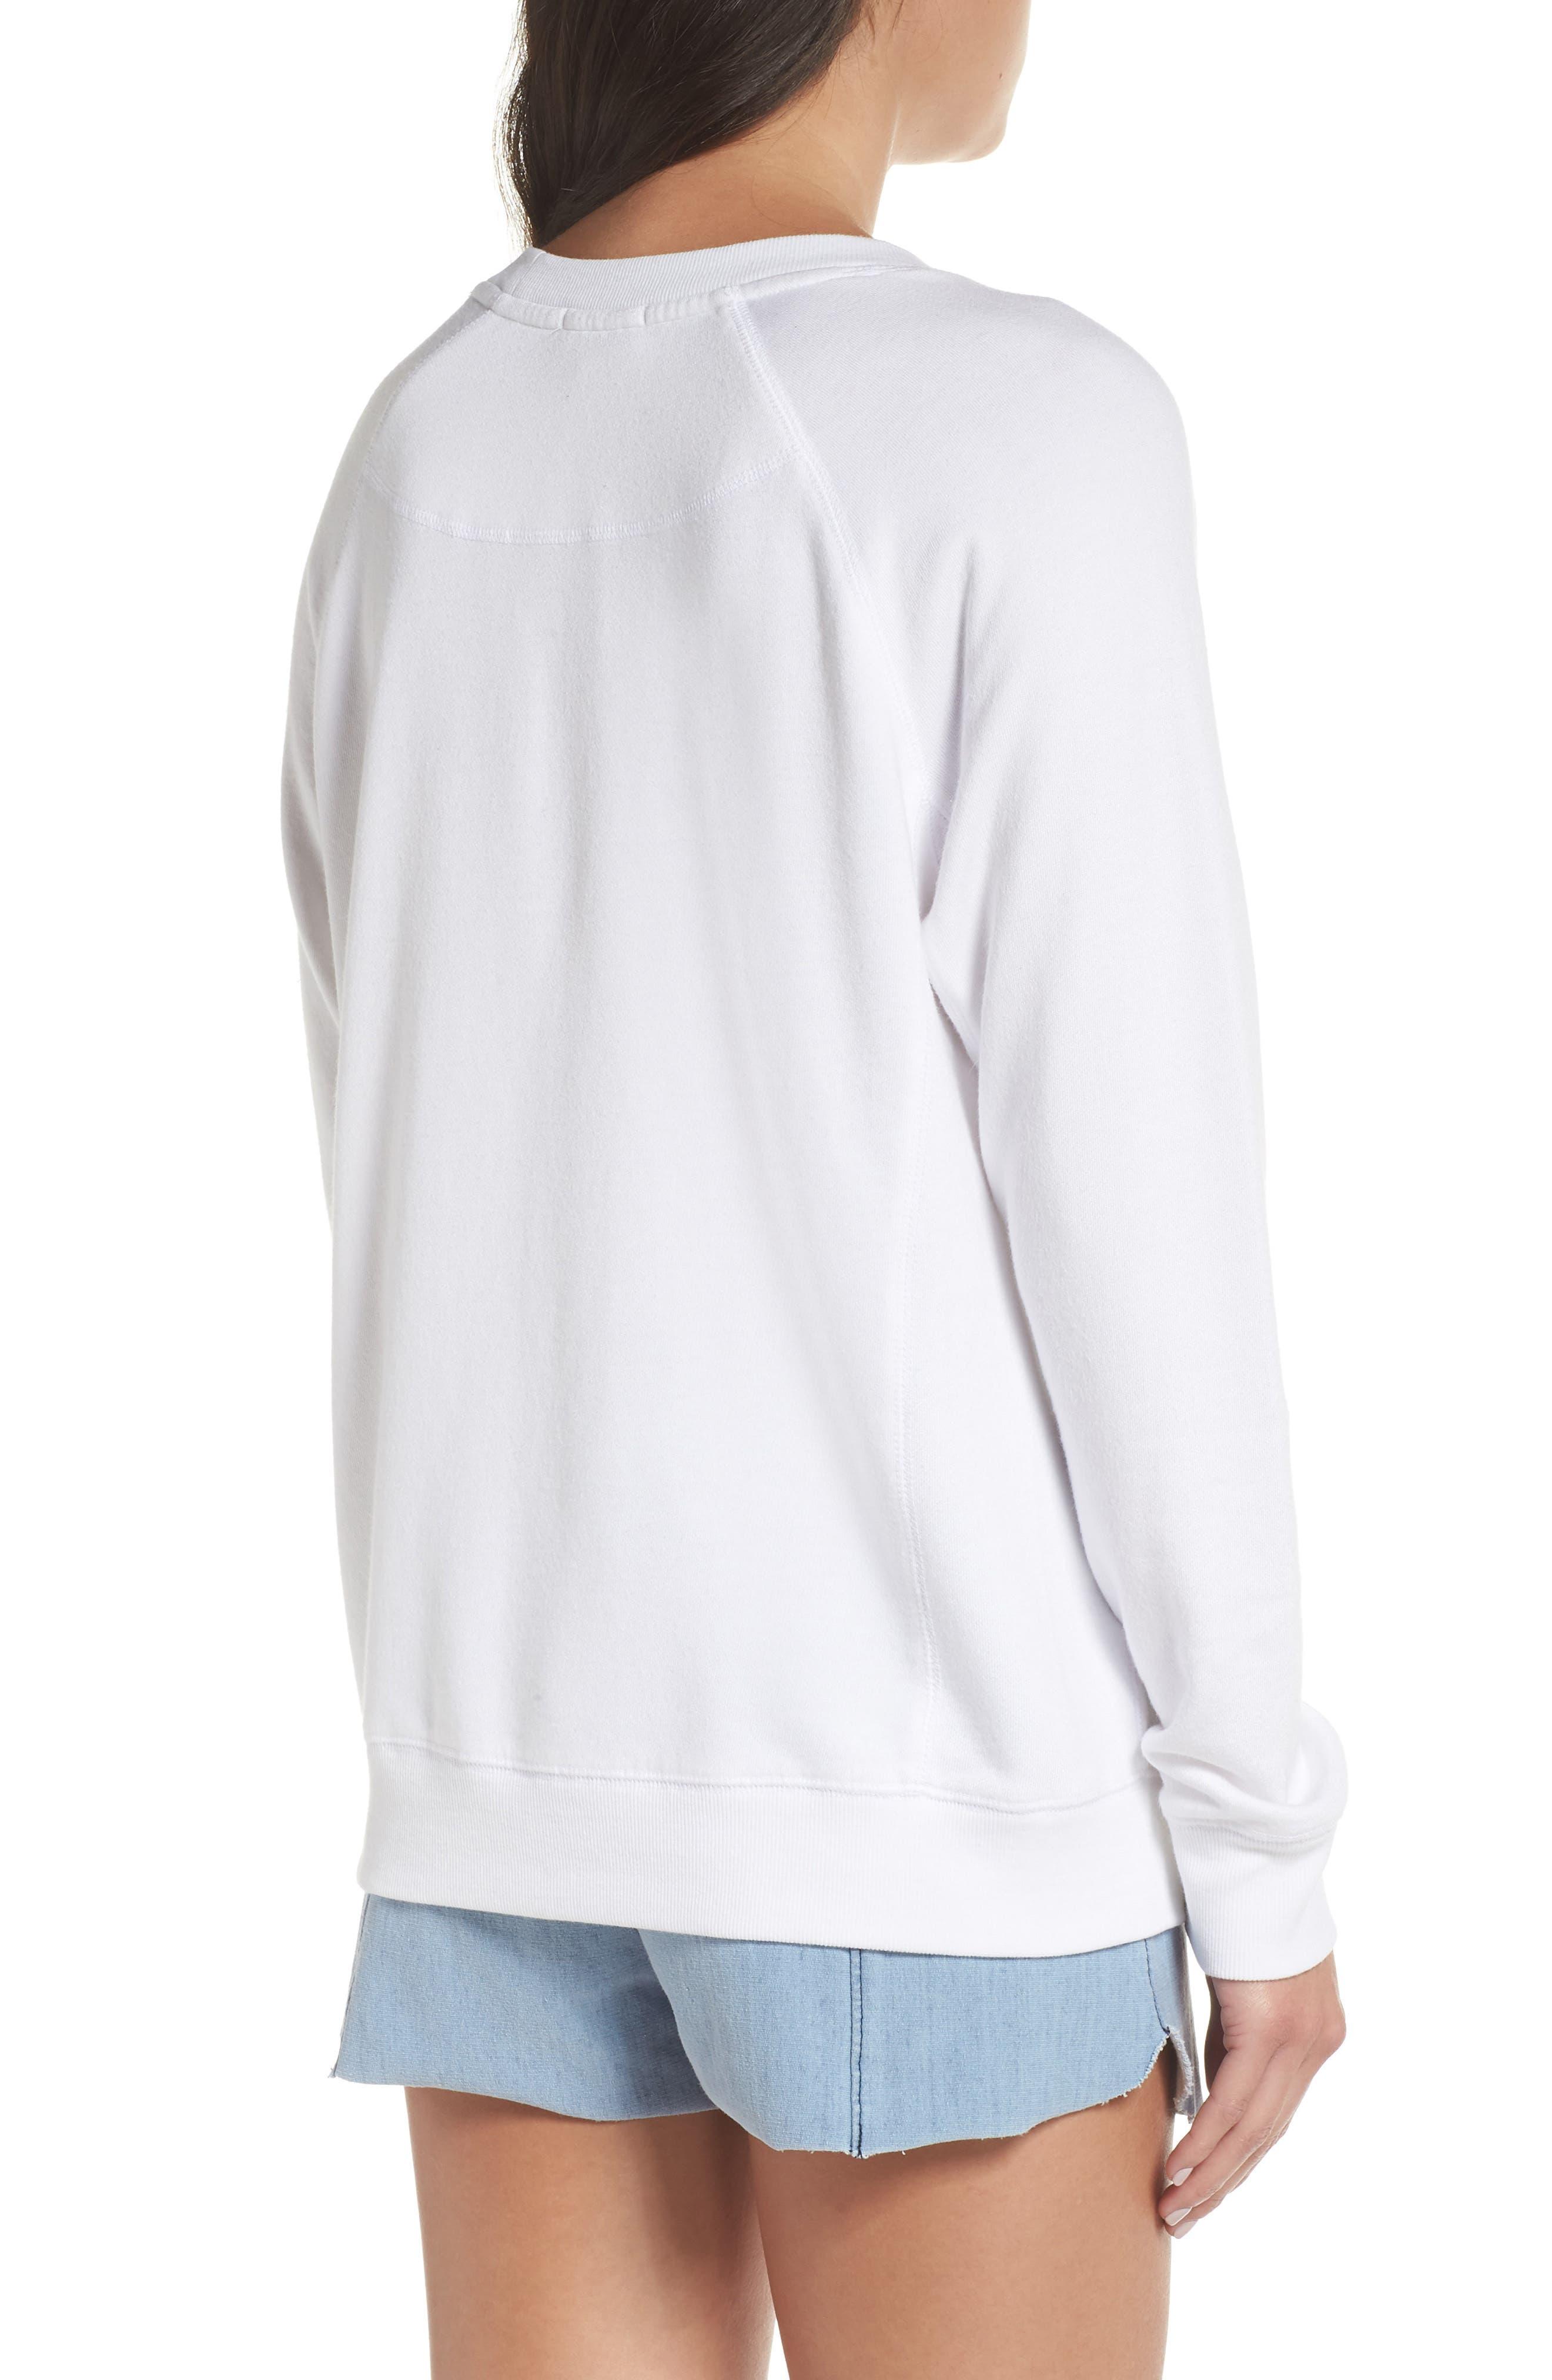 DAVID LERNER,                             I'm So Happy Raglan Pullover,                             Alternate thumbnail 2, color,                             WHITE